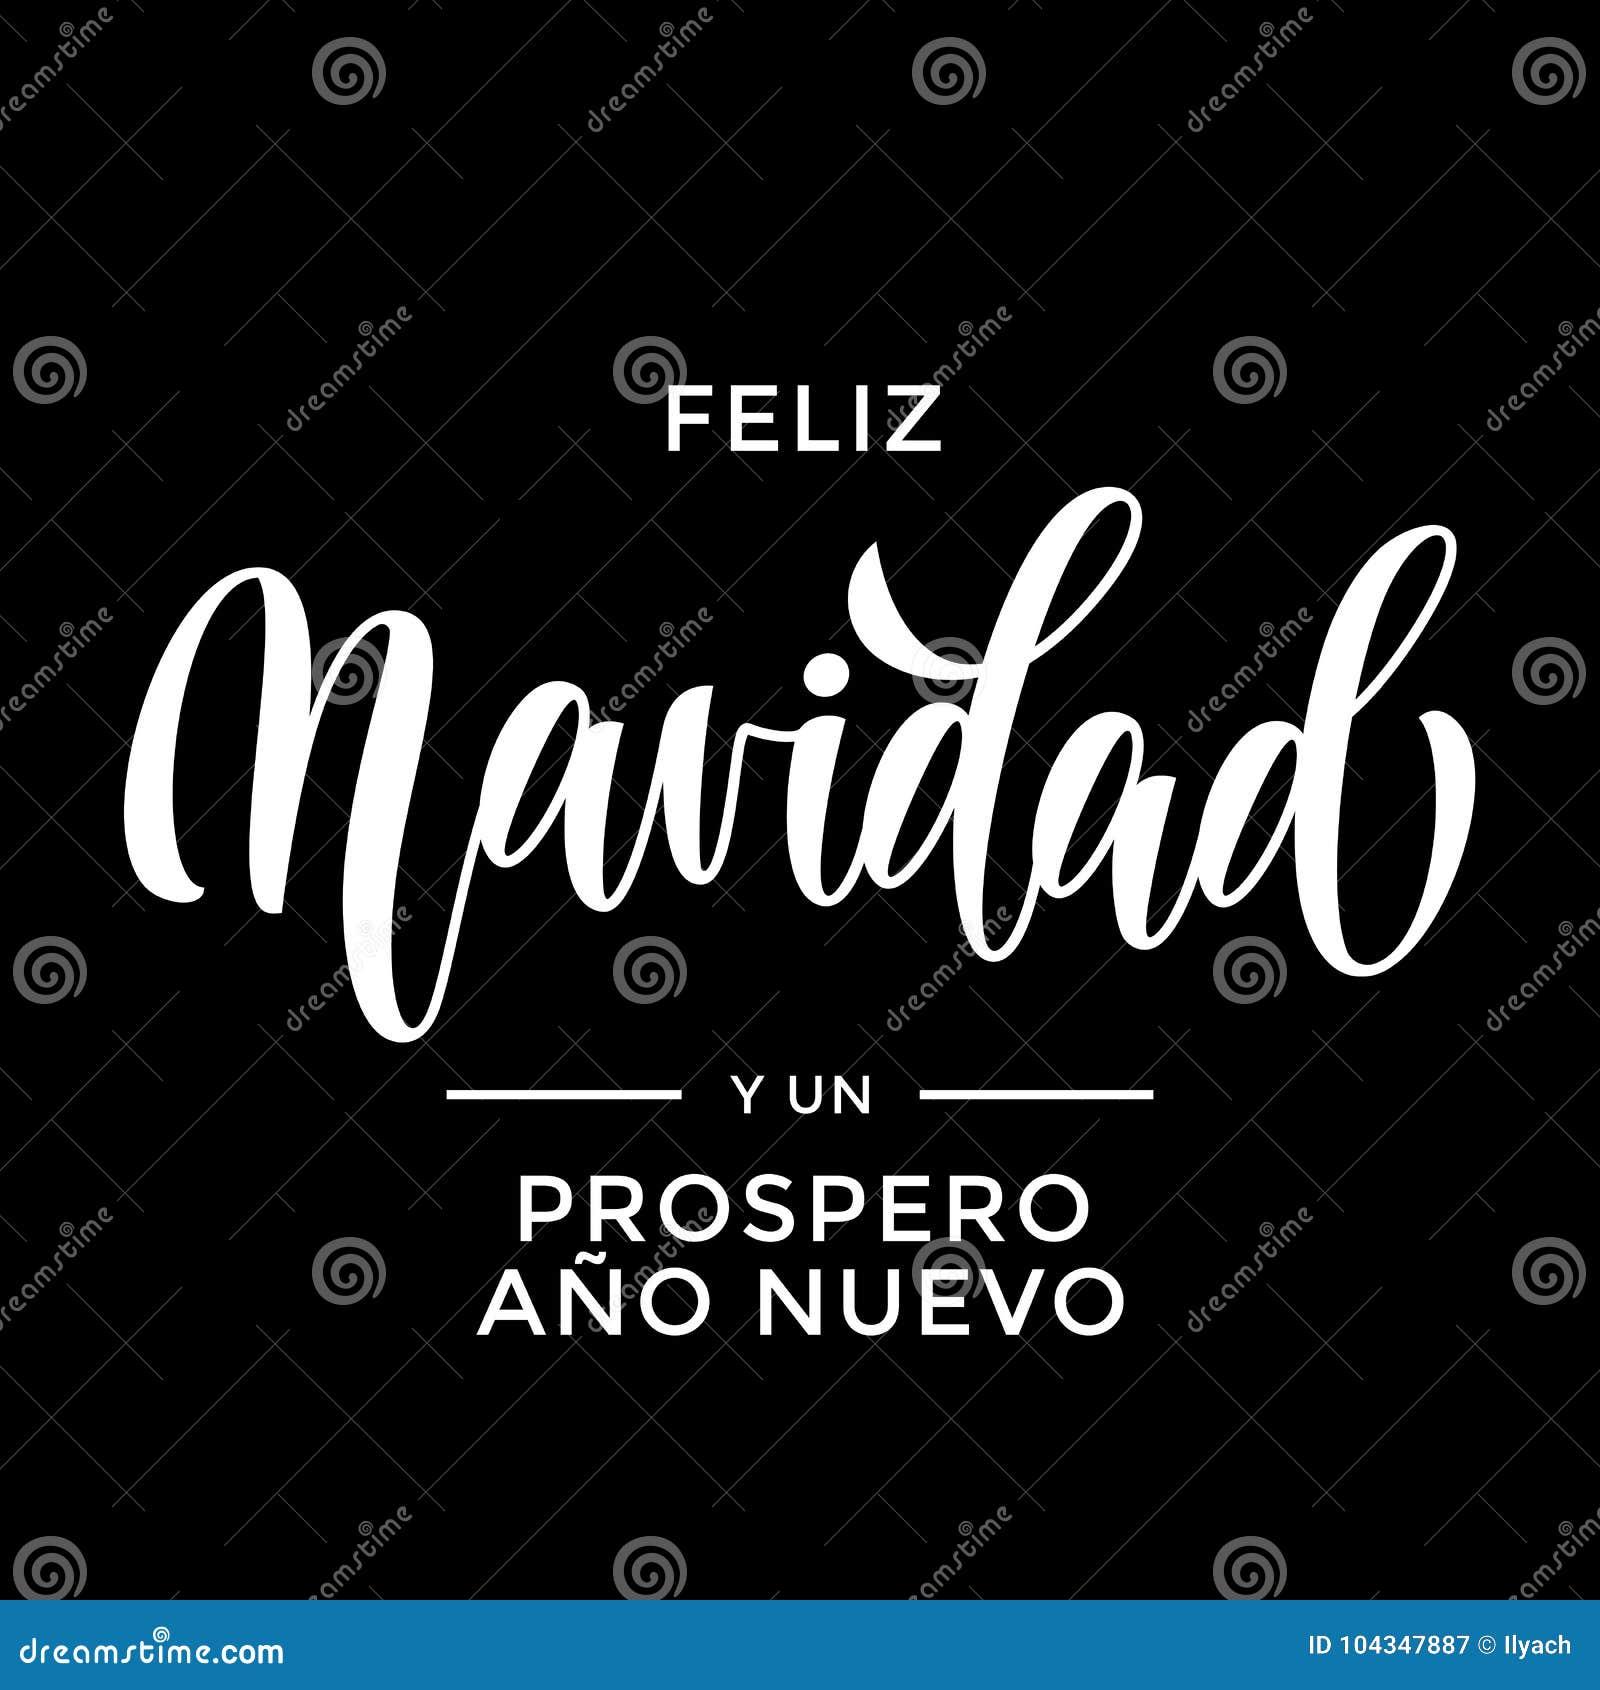 Feliz Navidad Y Prospero Ano Nuevo Spanish Merry Christmas Und Guten ...